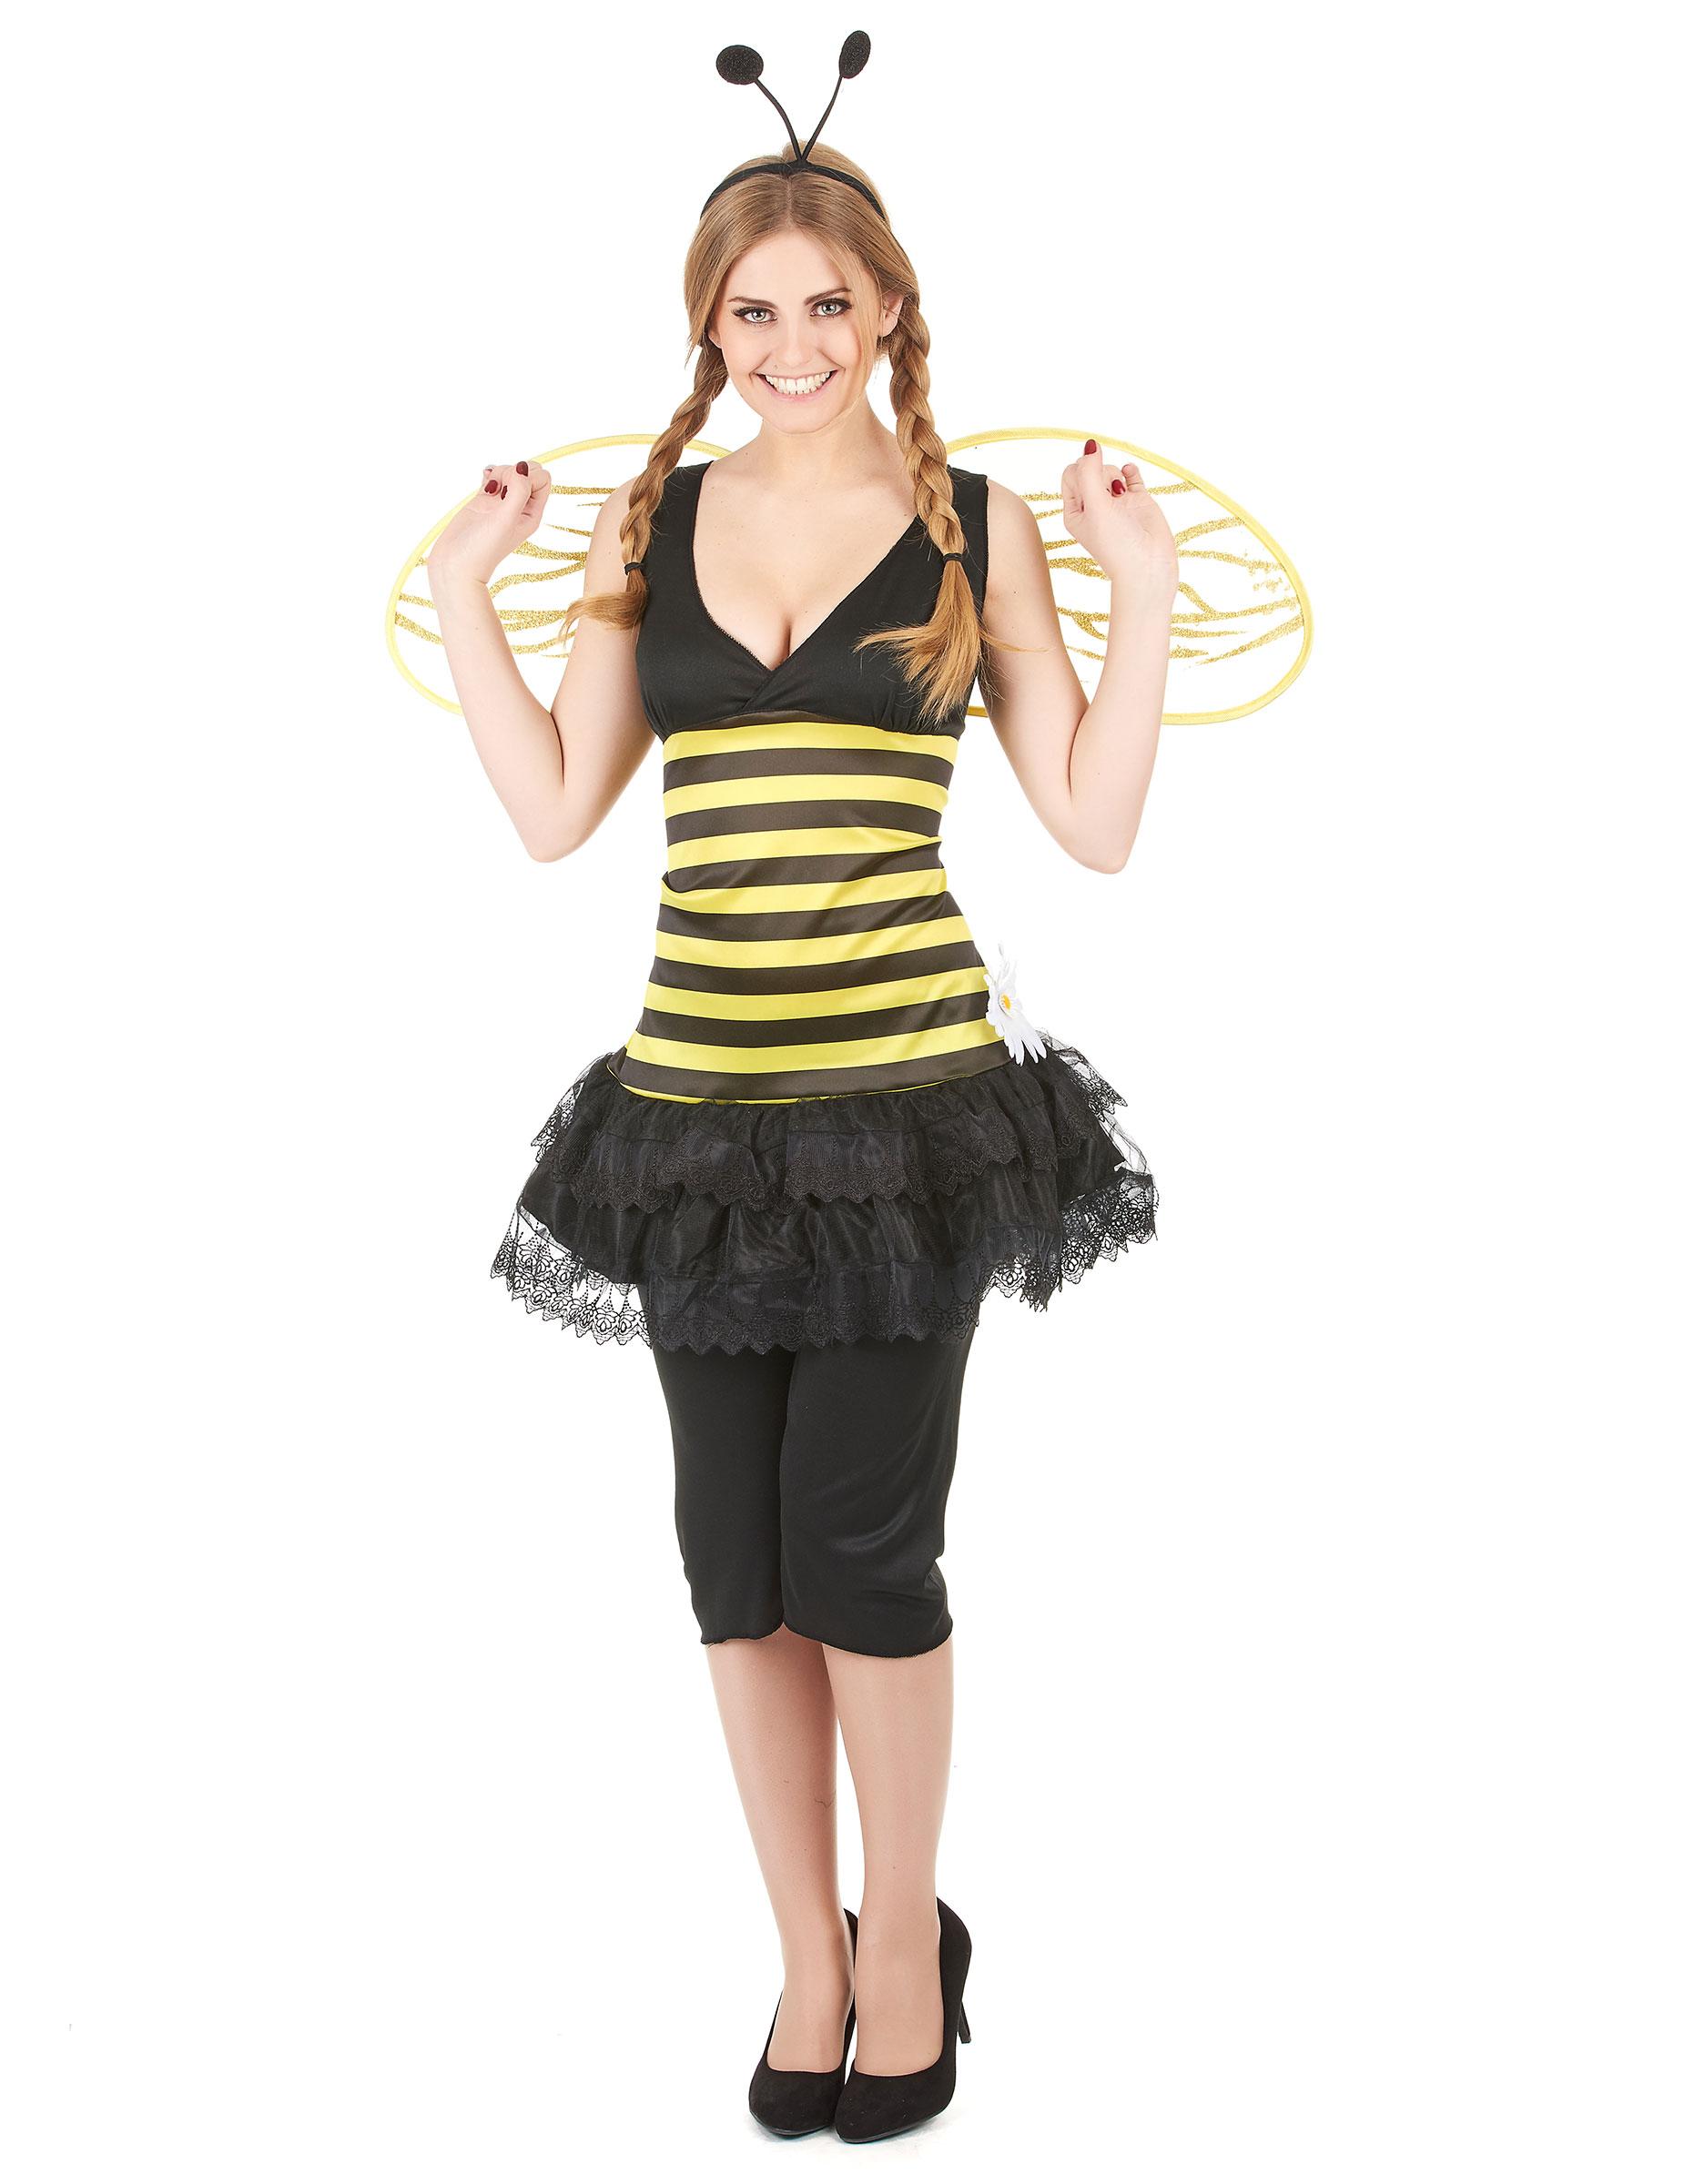 d guisement abeille femme achat de d guisements adultes. Black Bedroom Furniture Sets. Home Design Ideas